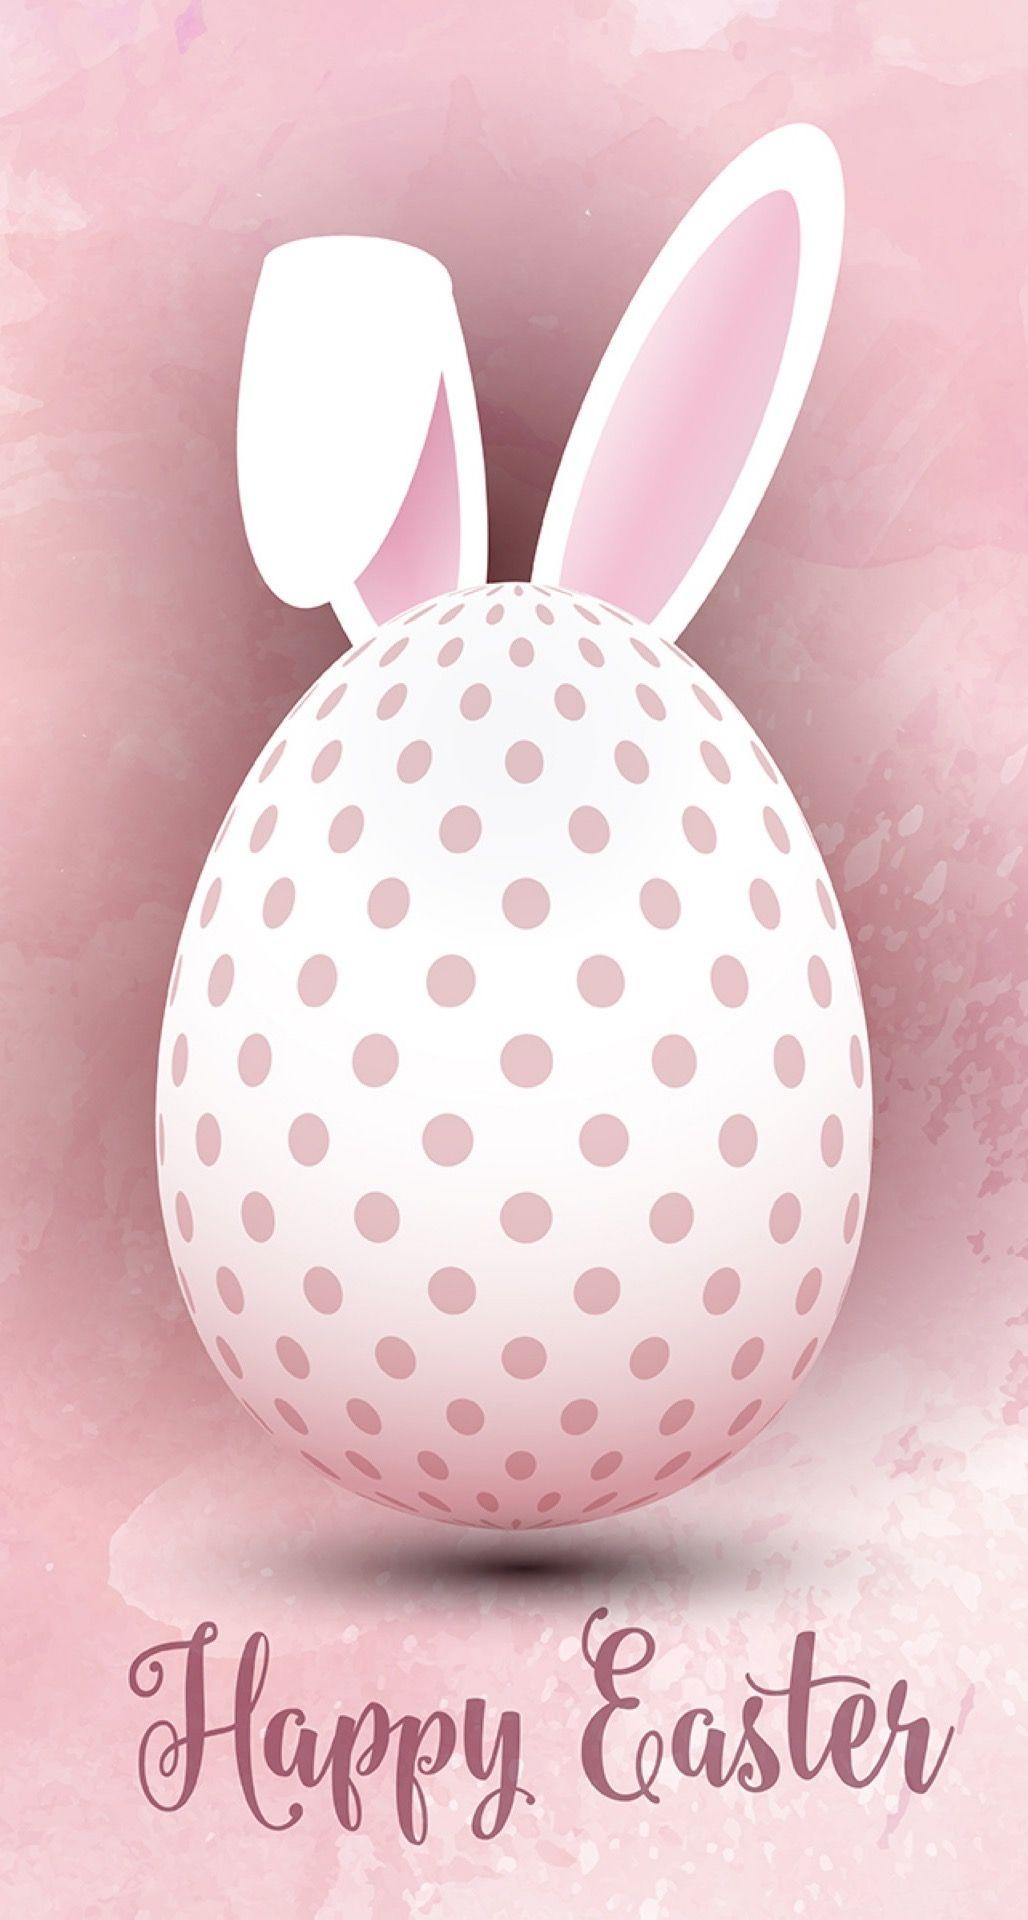 Pin by karen babb on wallpaper Easter Pinterest